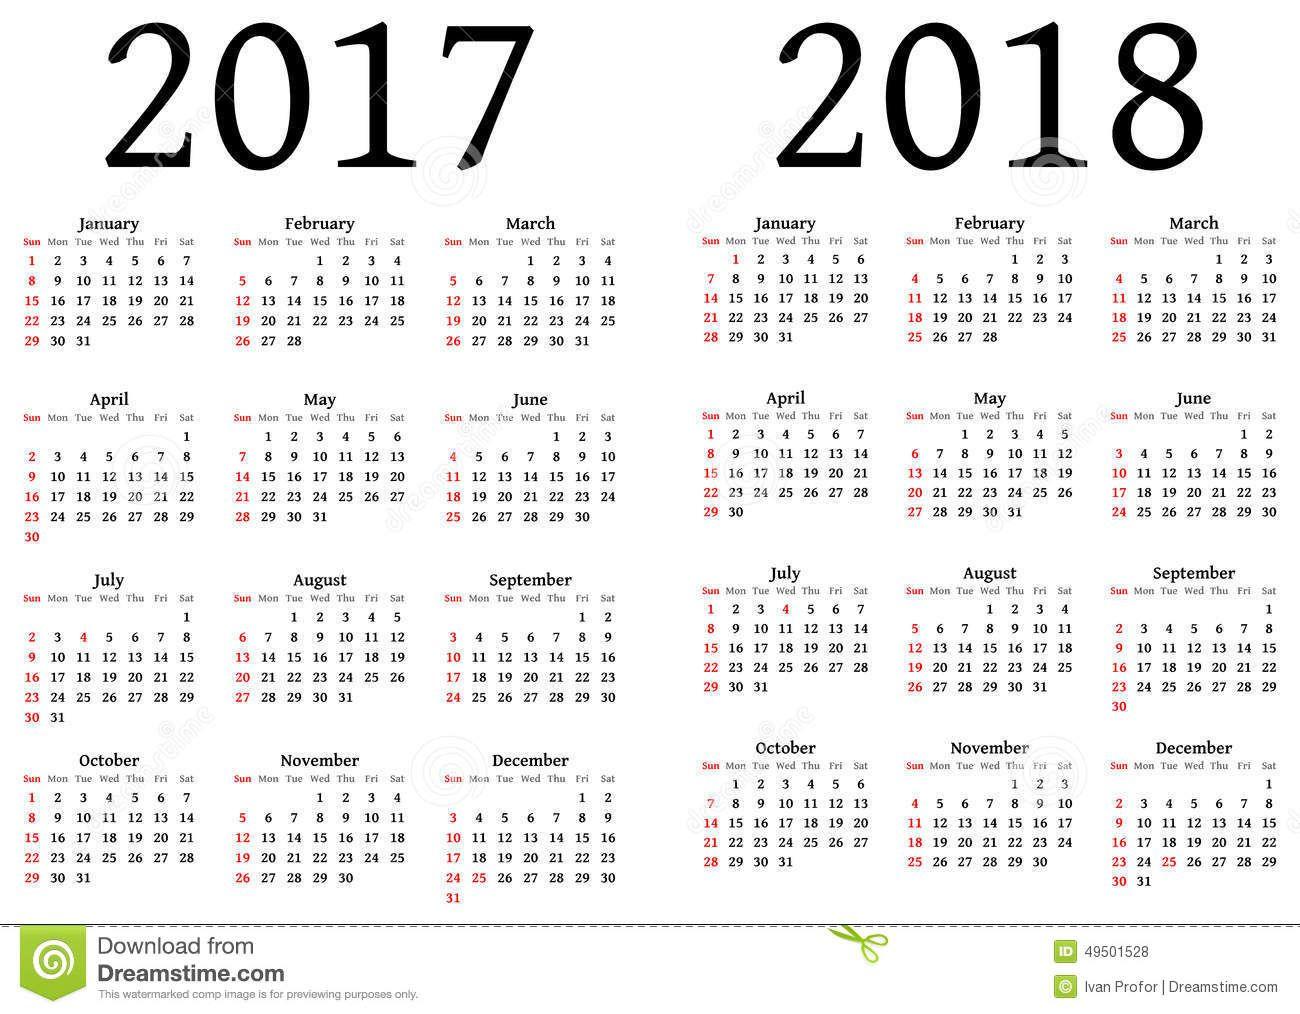 Printable Calendar 2017 And 2018 | Calendrier 2015 Annuel tout Calendrier Annuel 2018 À Imprimer Gratuit